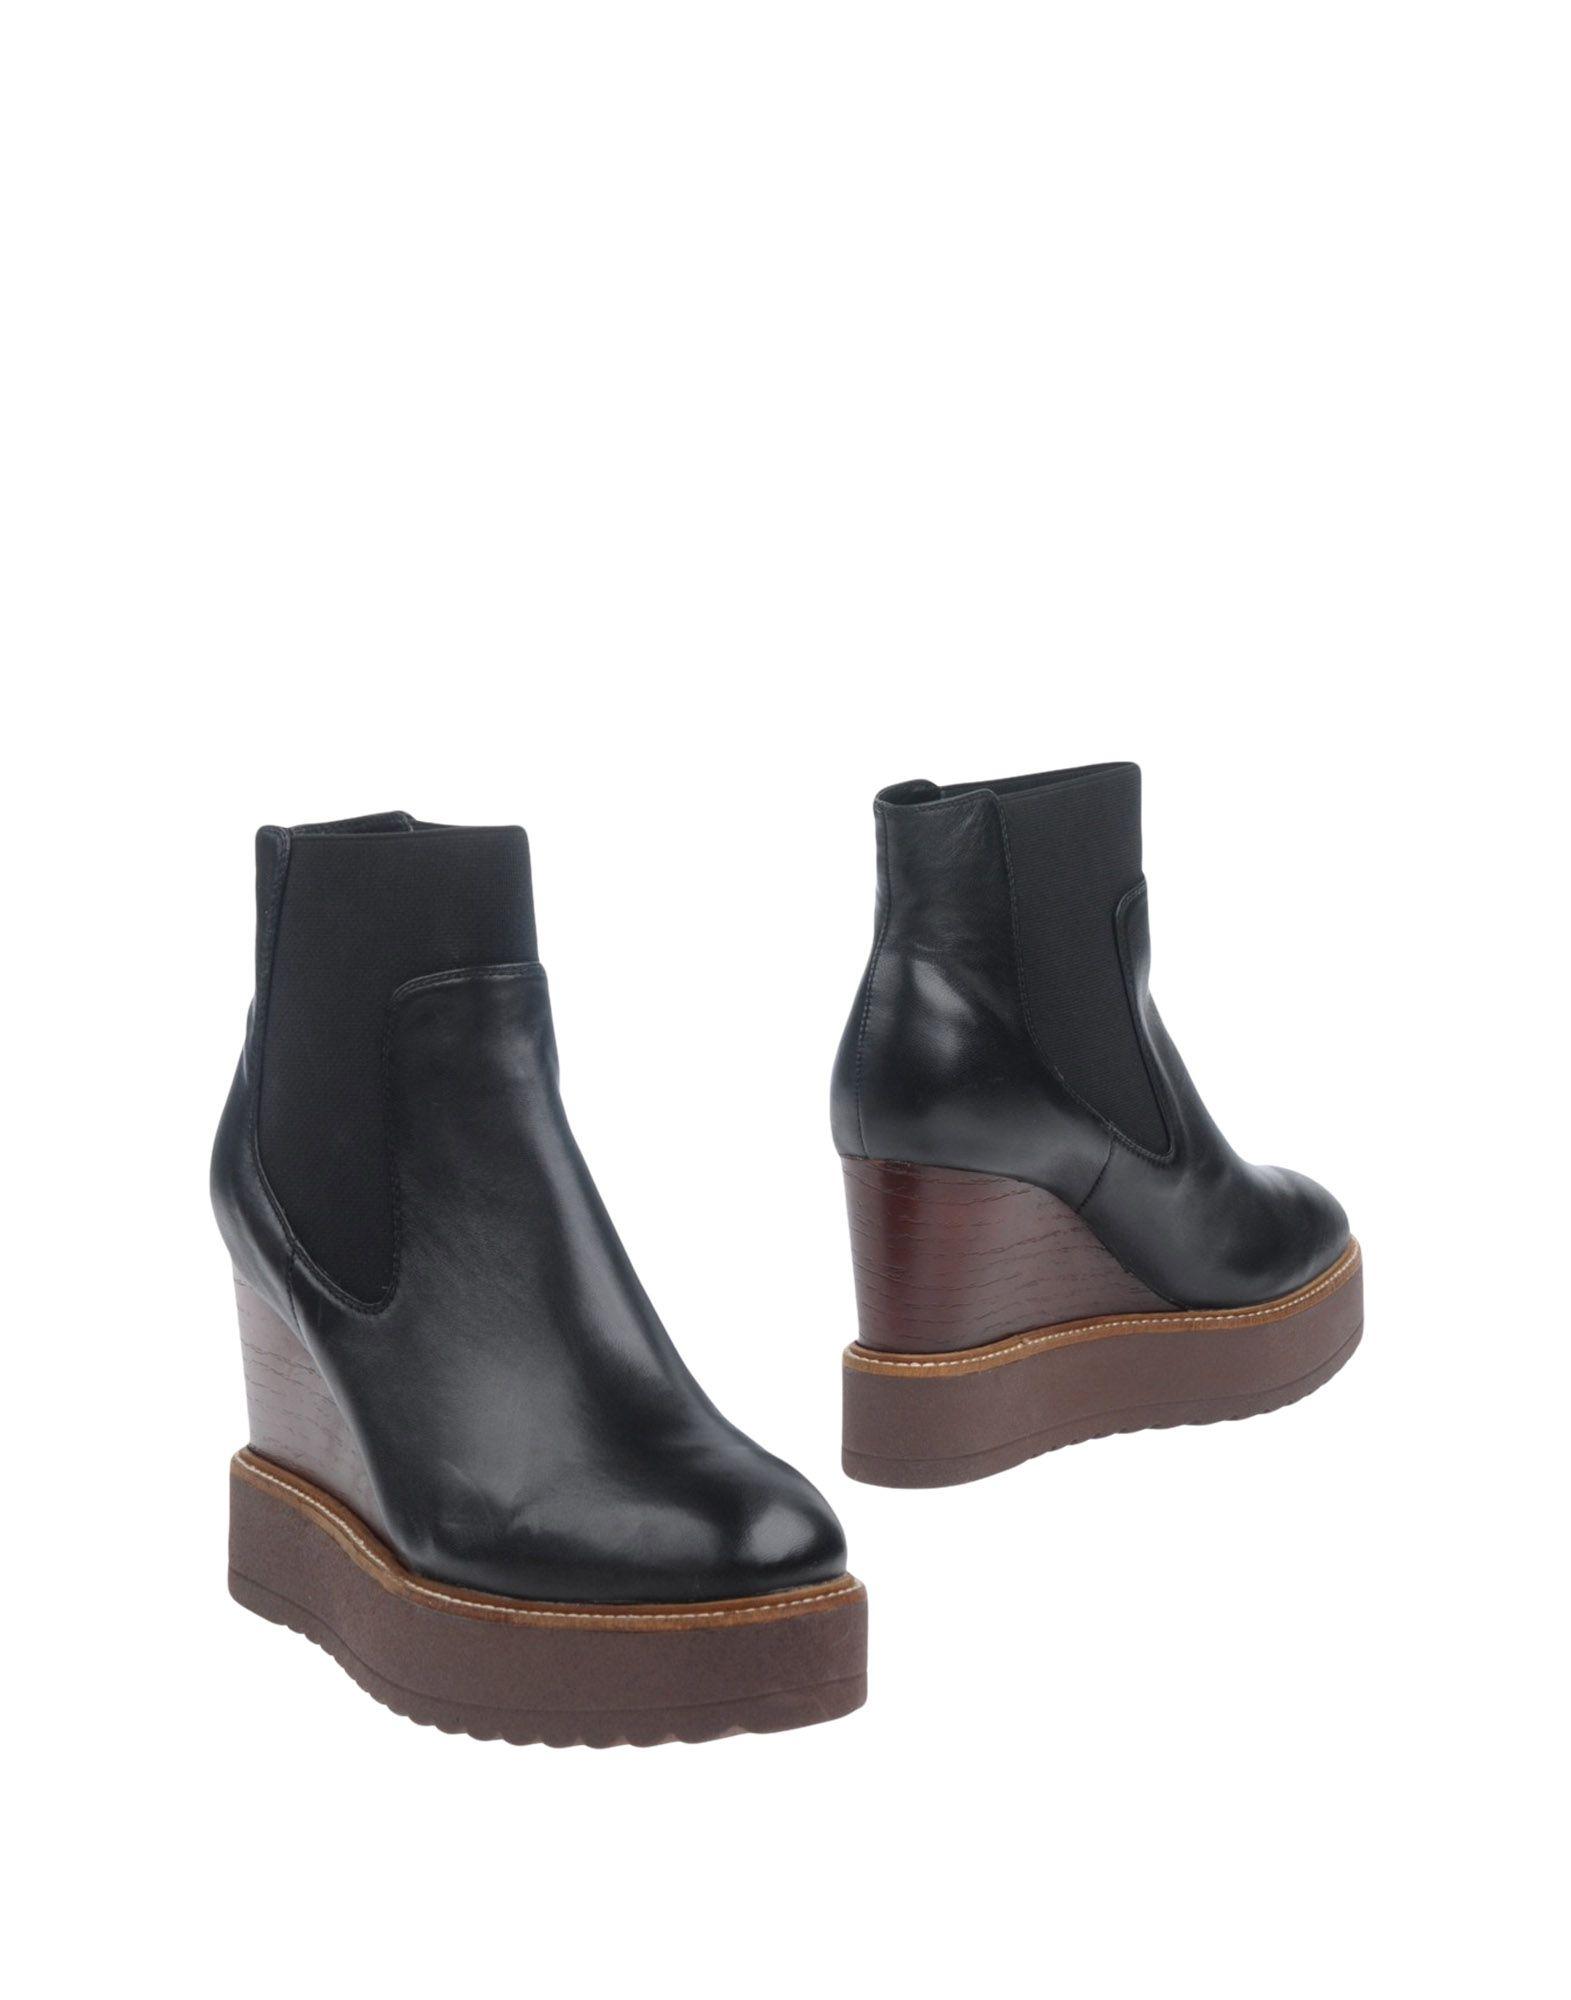 Four Five Chelsea Boots Damen  11289608KO Gute Qualität beliebte Schuhe